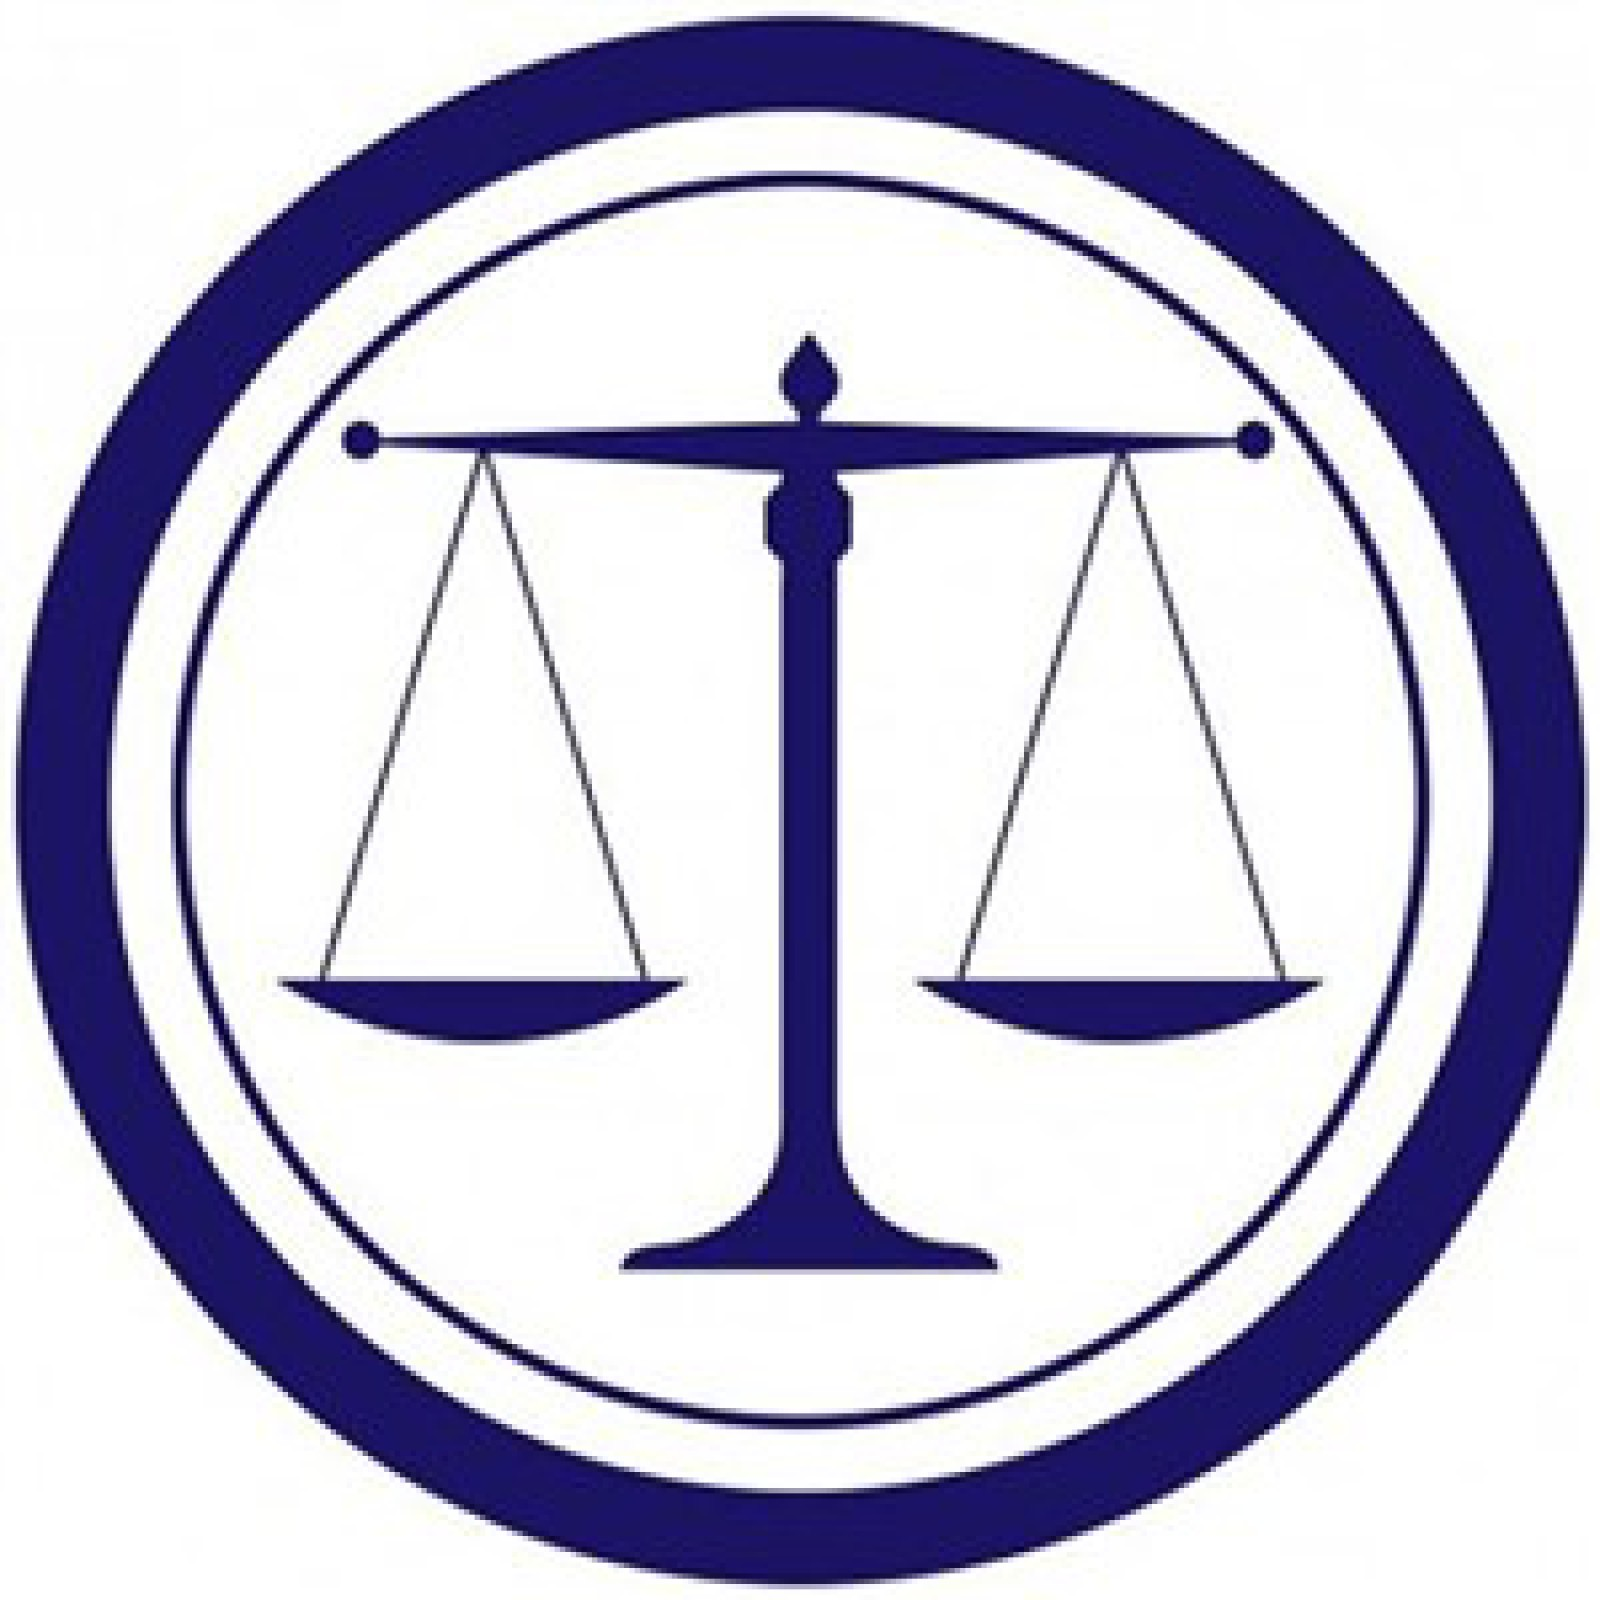 Principio della scissione degli effetti tra notificante e destinatario dell'atto. Applicabilità anche al procedimento per illecito amministrativo.